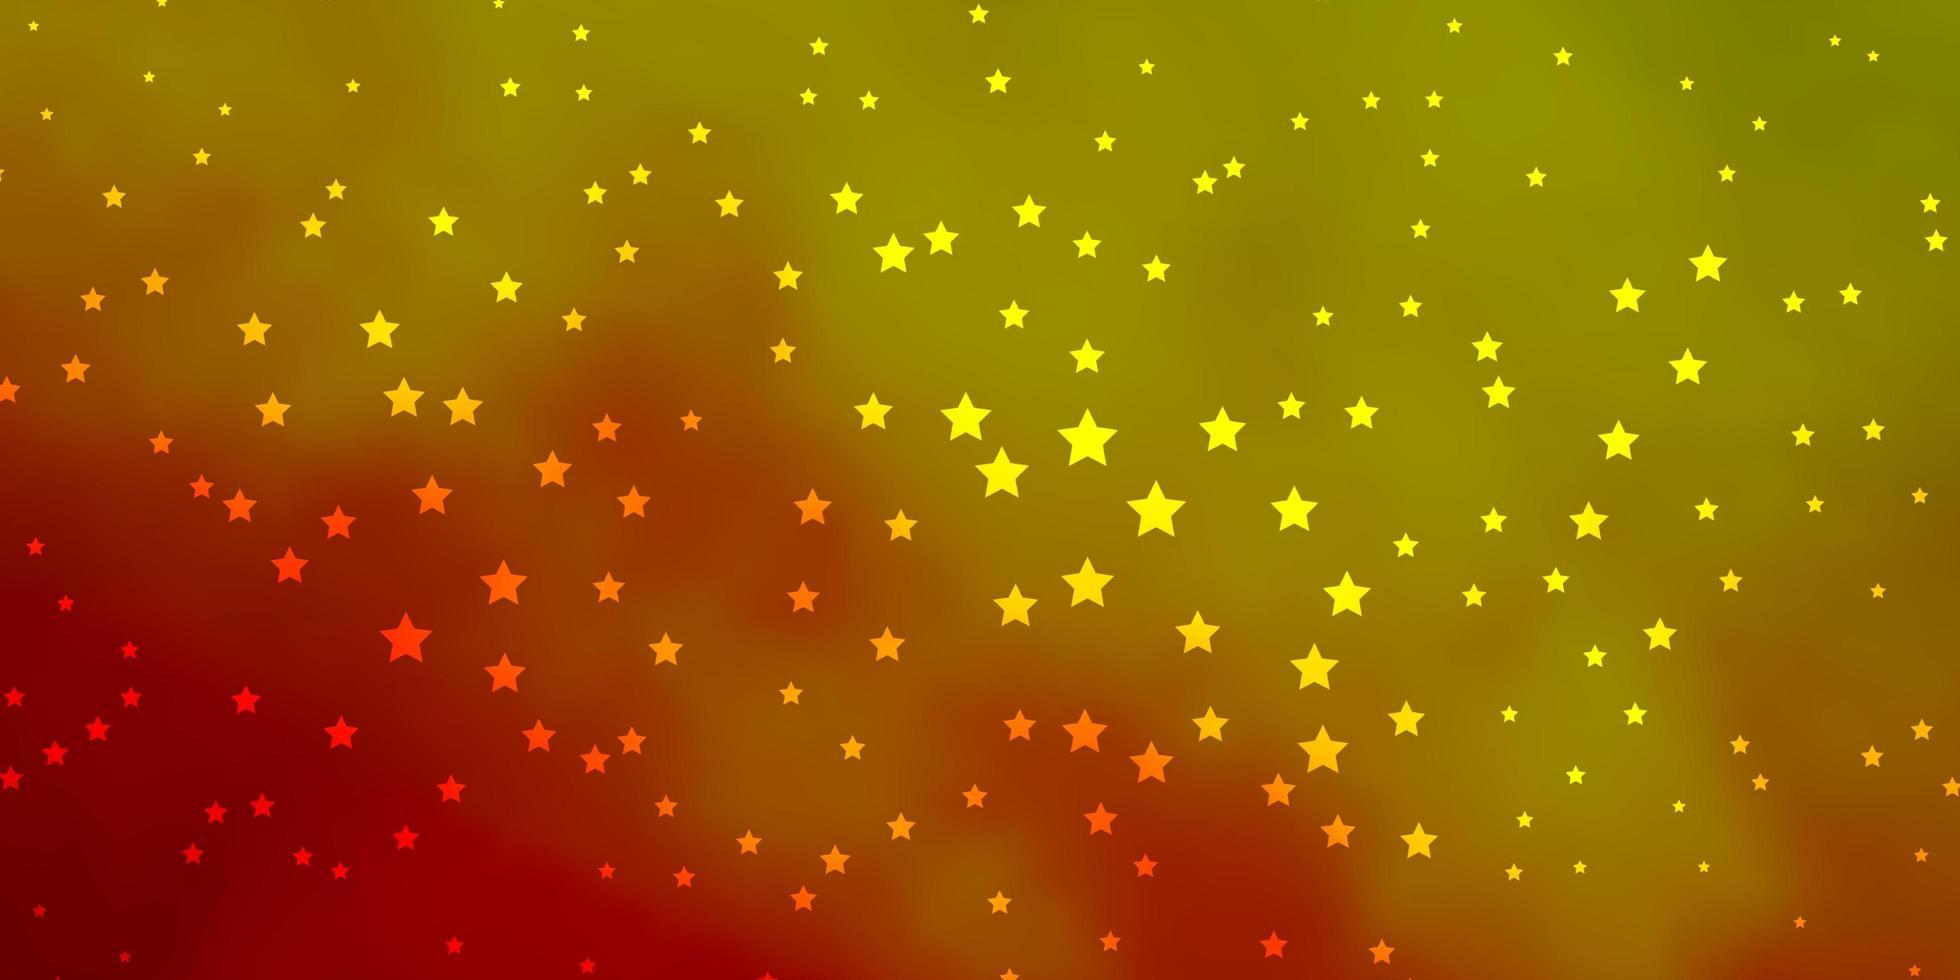 trama vettoriale verde scuro, rosso con bellissime stelle.